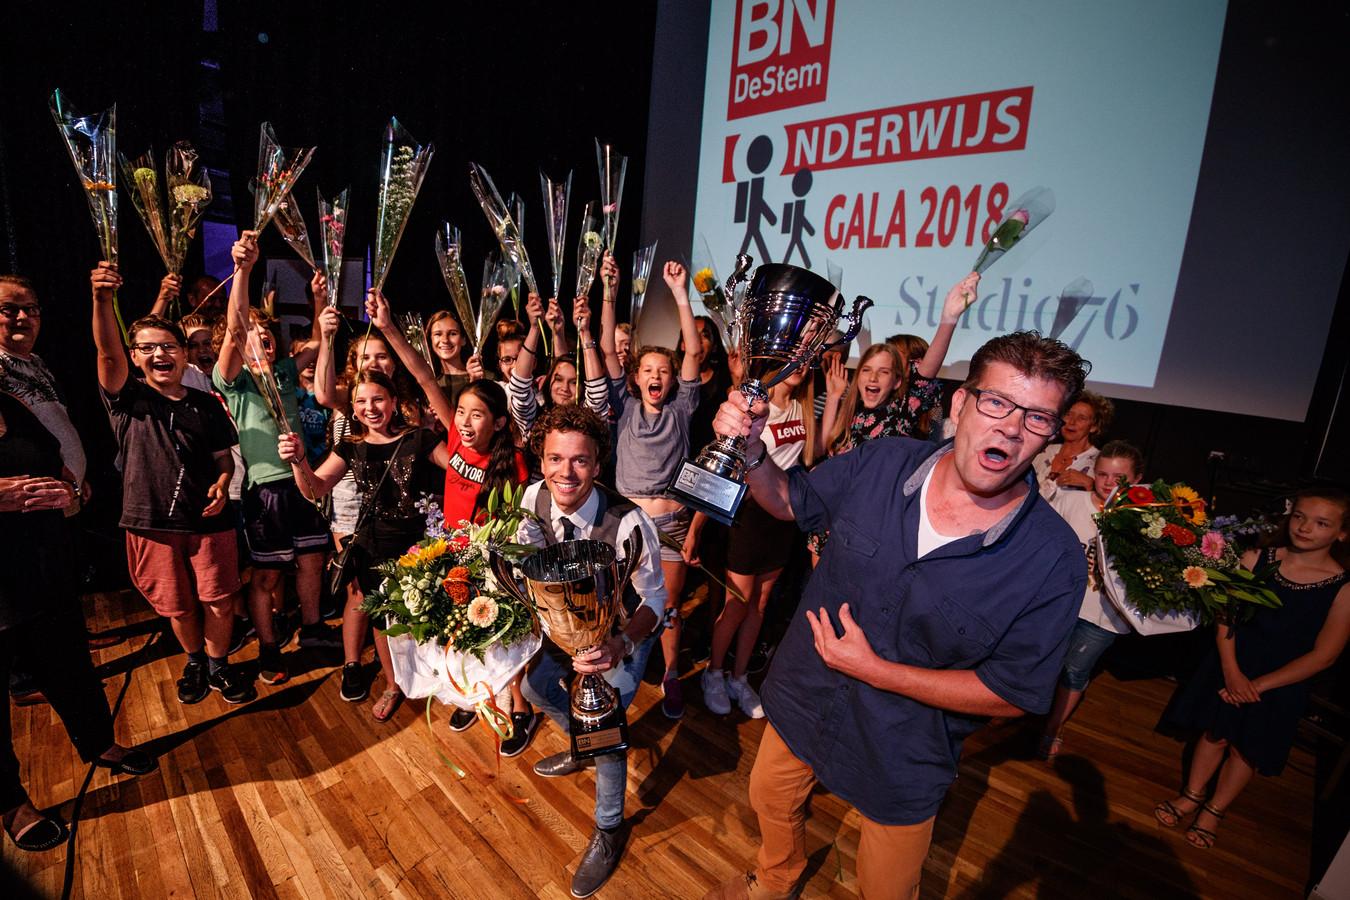 Twee van de drie winnaars van vorig jaar: leraar Sjoerd Schouw en conciërge Jurgen Nijhuis.